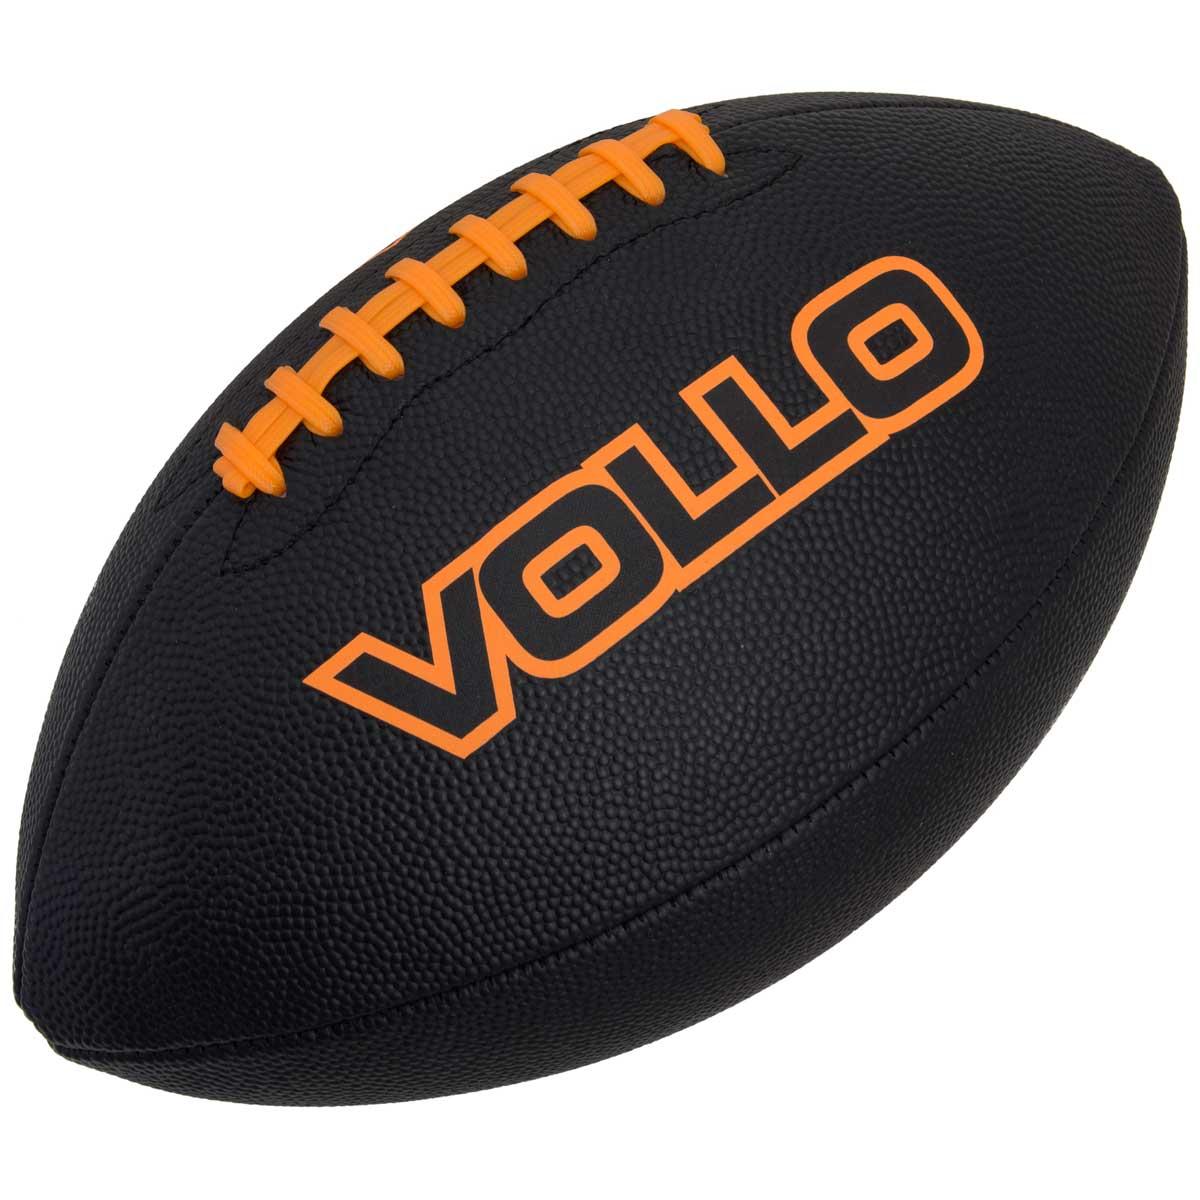 Bola de Futebol Americano 9'' Preta - Vollo